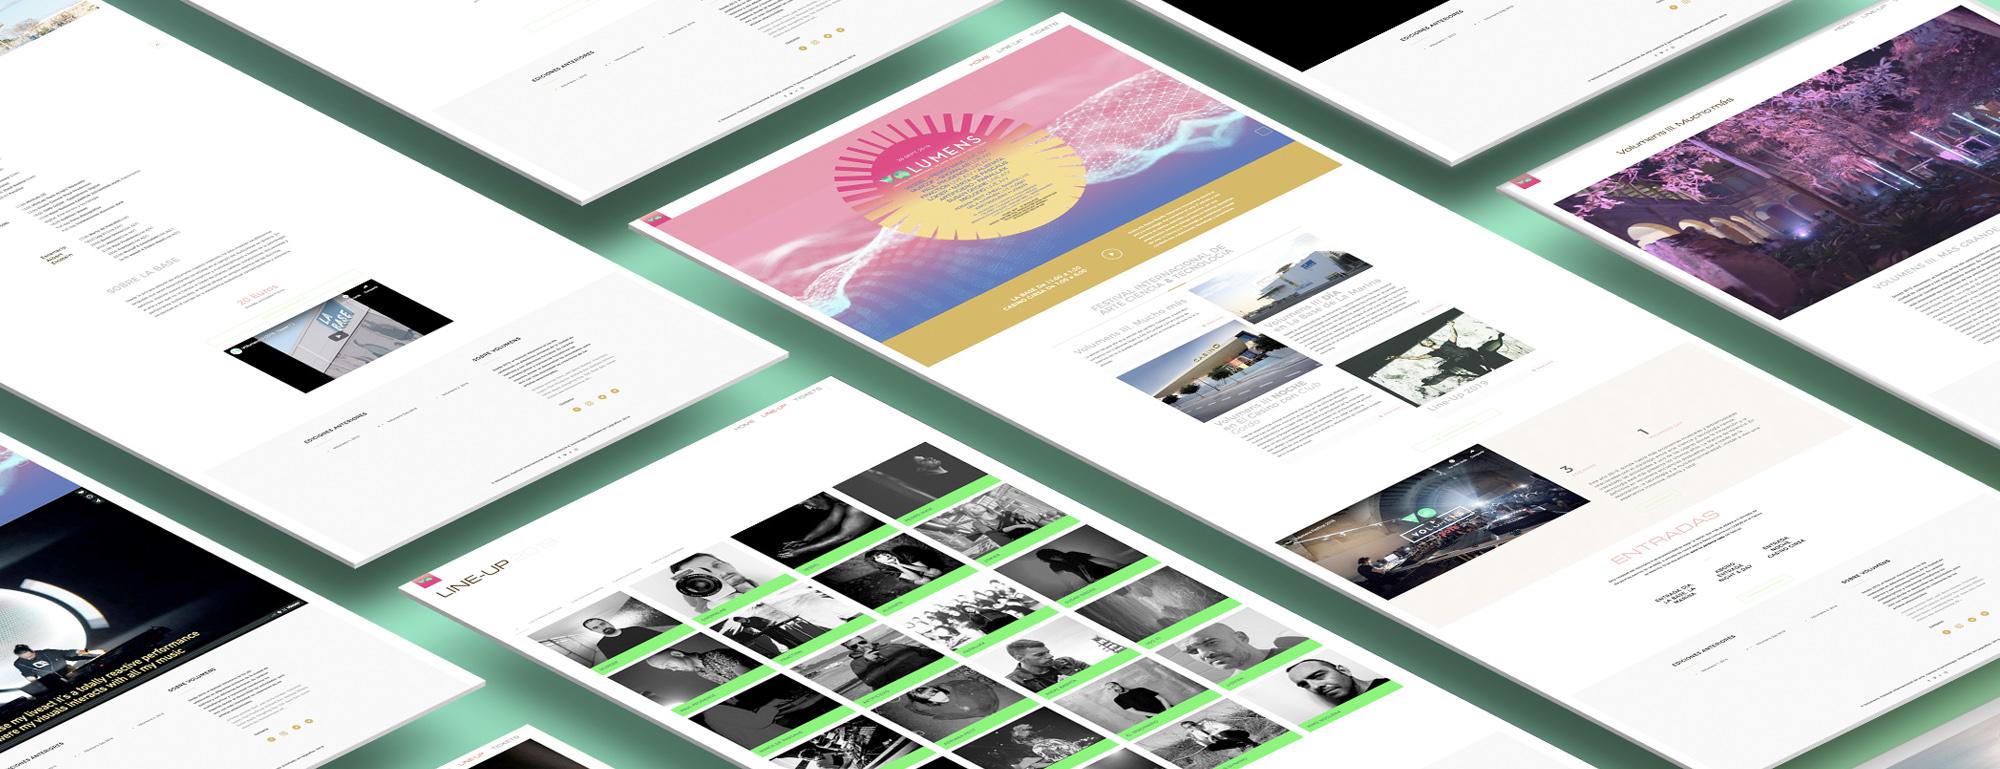 Website de volumens festival por Legrafico ™ Estudios de diseño grafico en Valencia